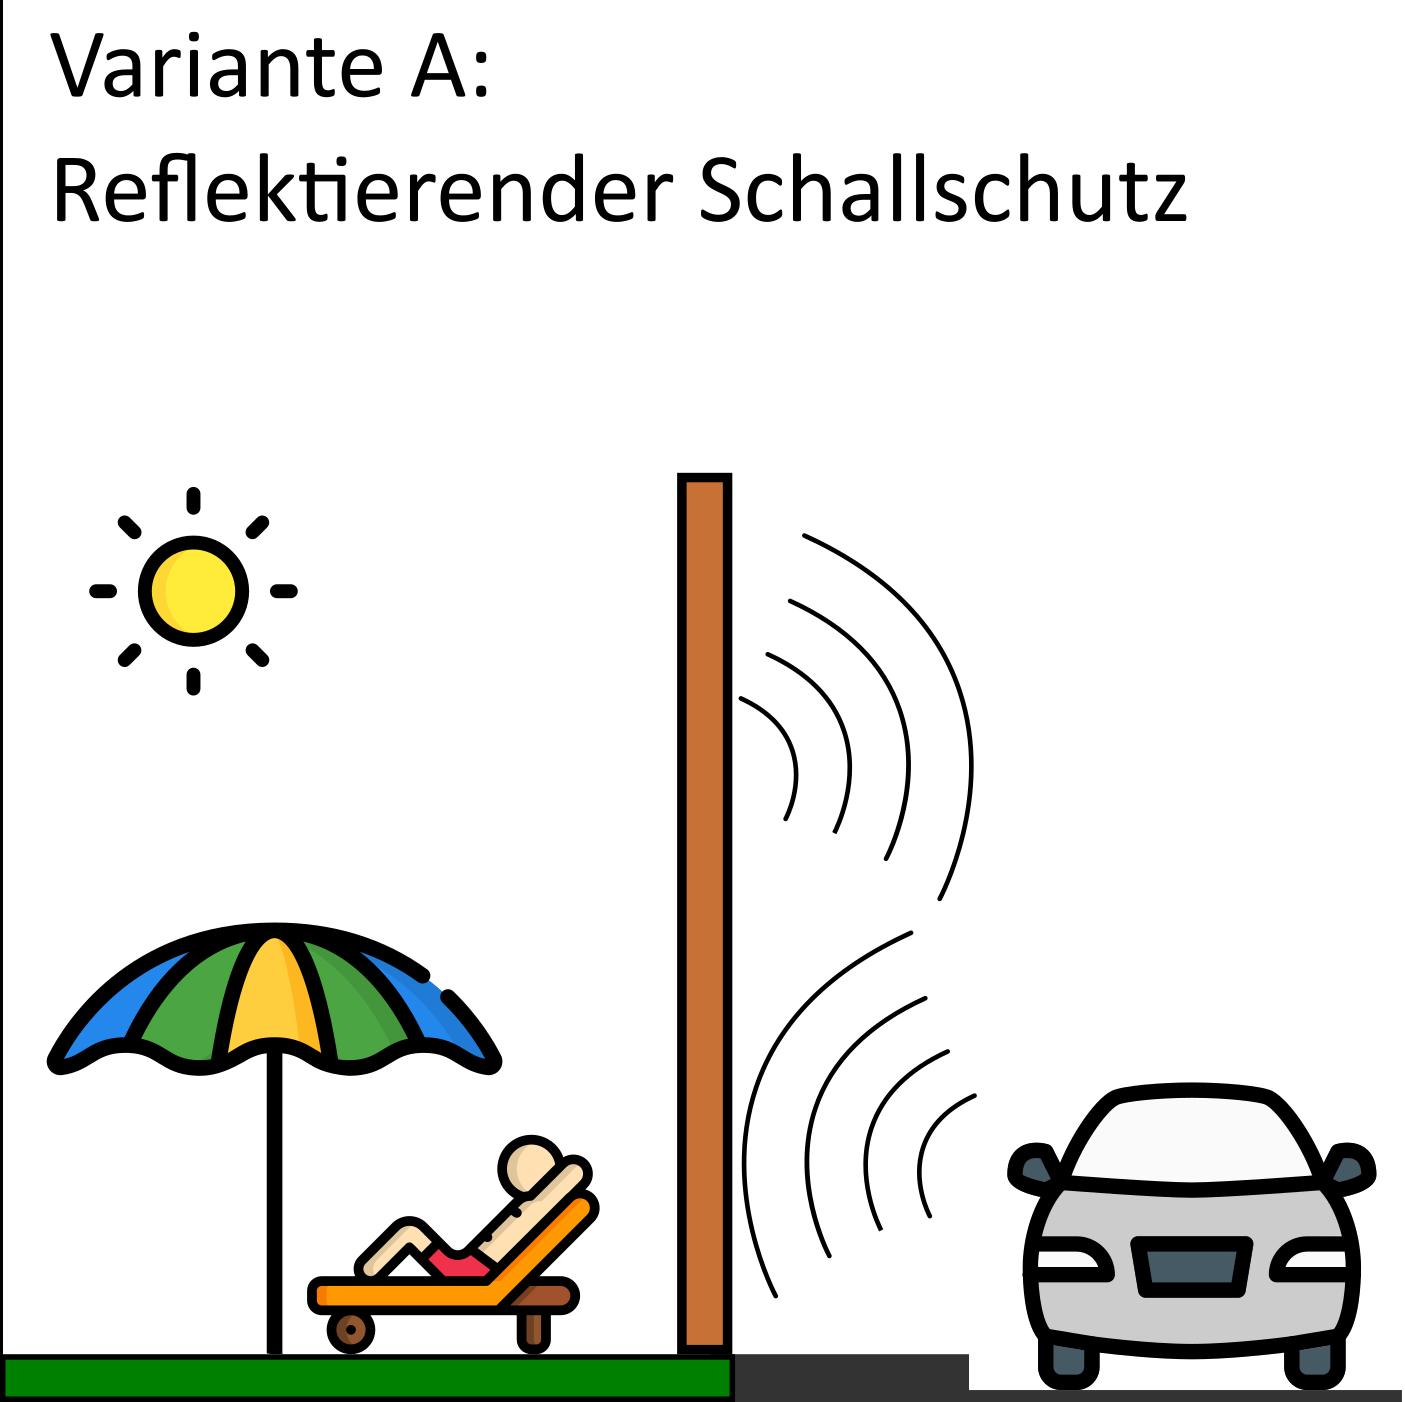 Schallschutzzaun in der reflektierenden Variante